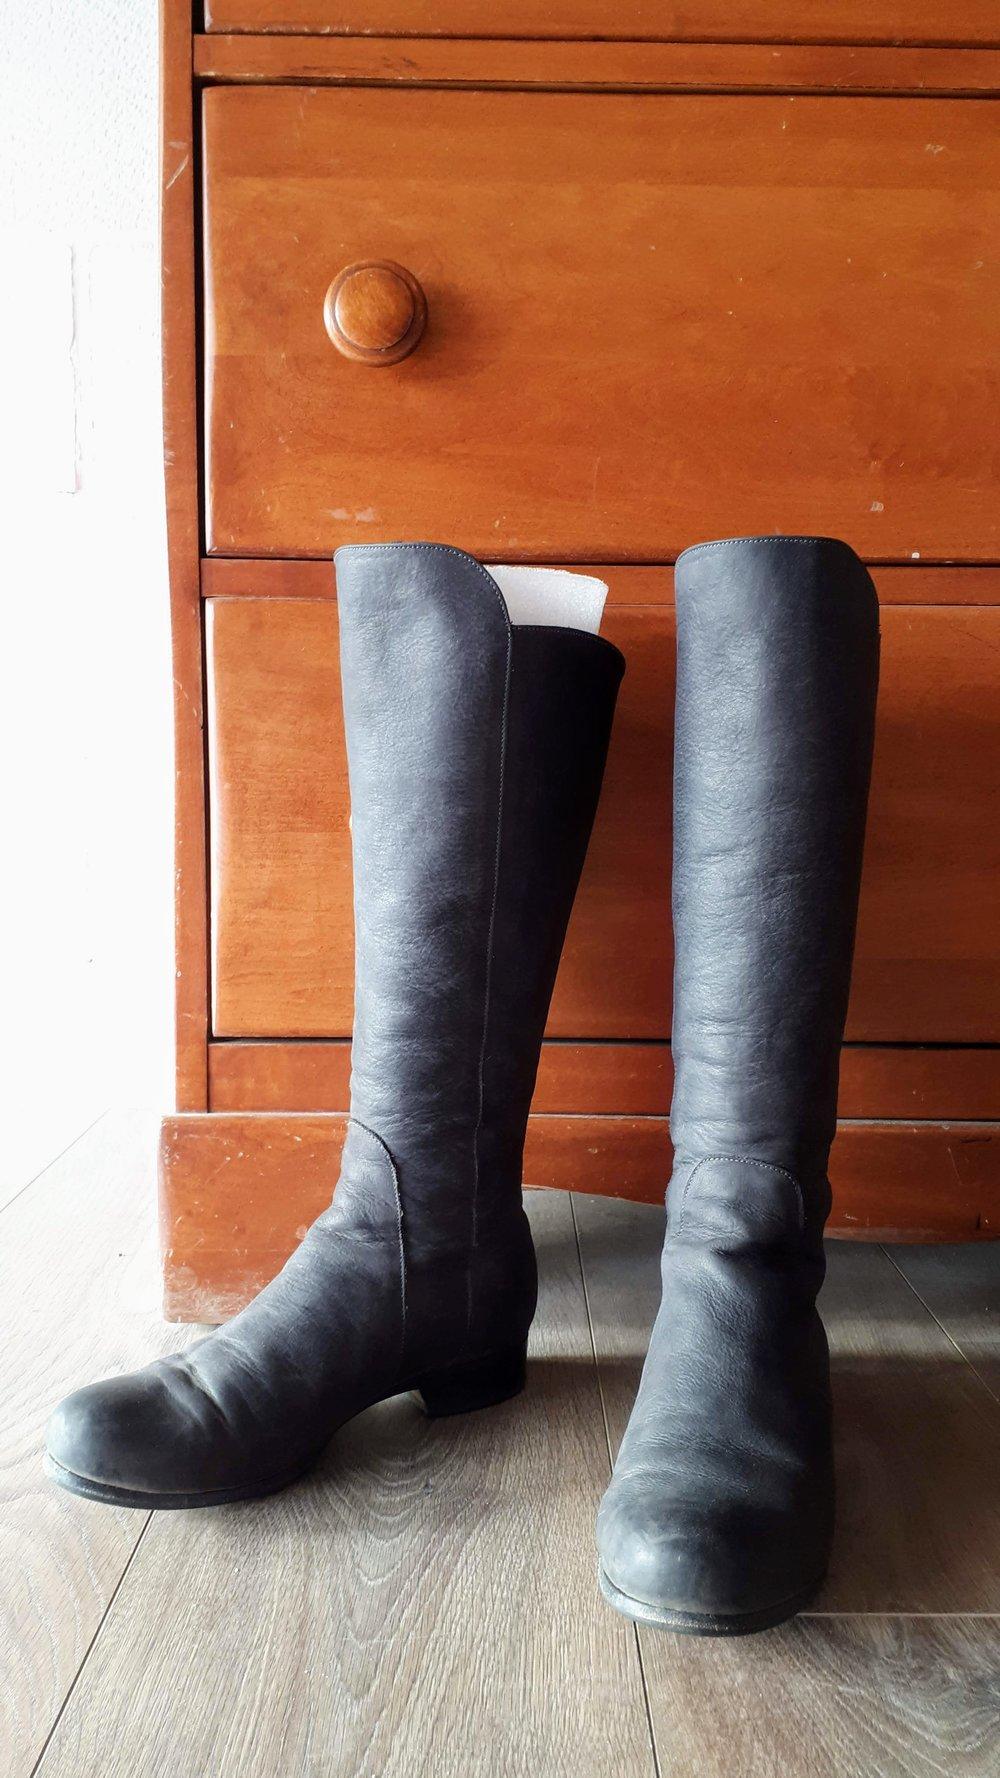 Poppy Barley; Size 7, $140